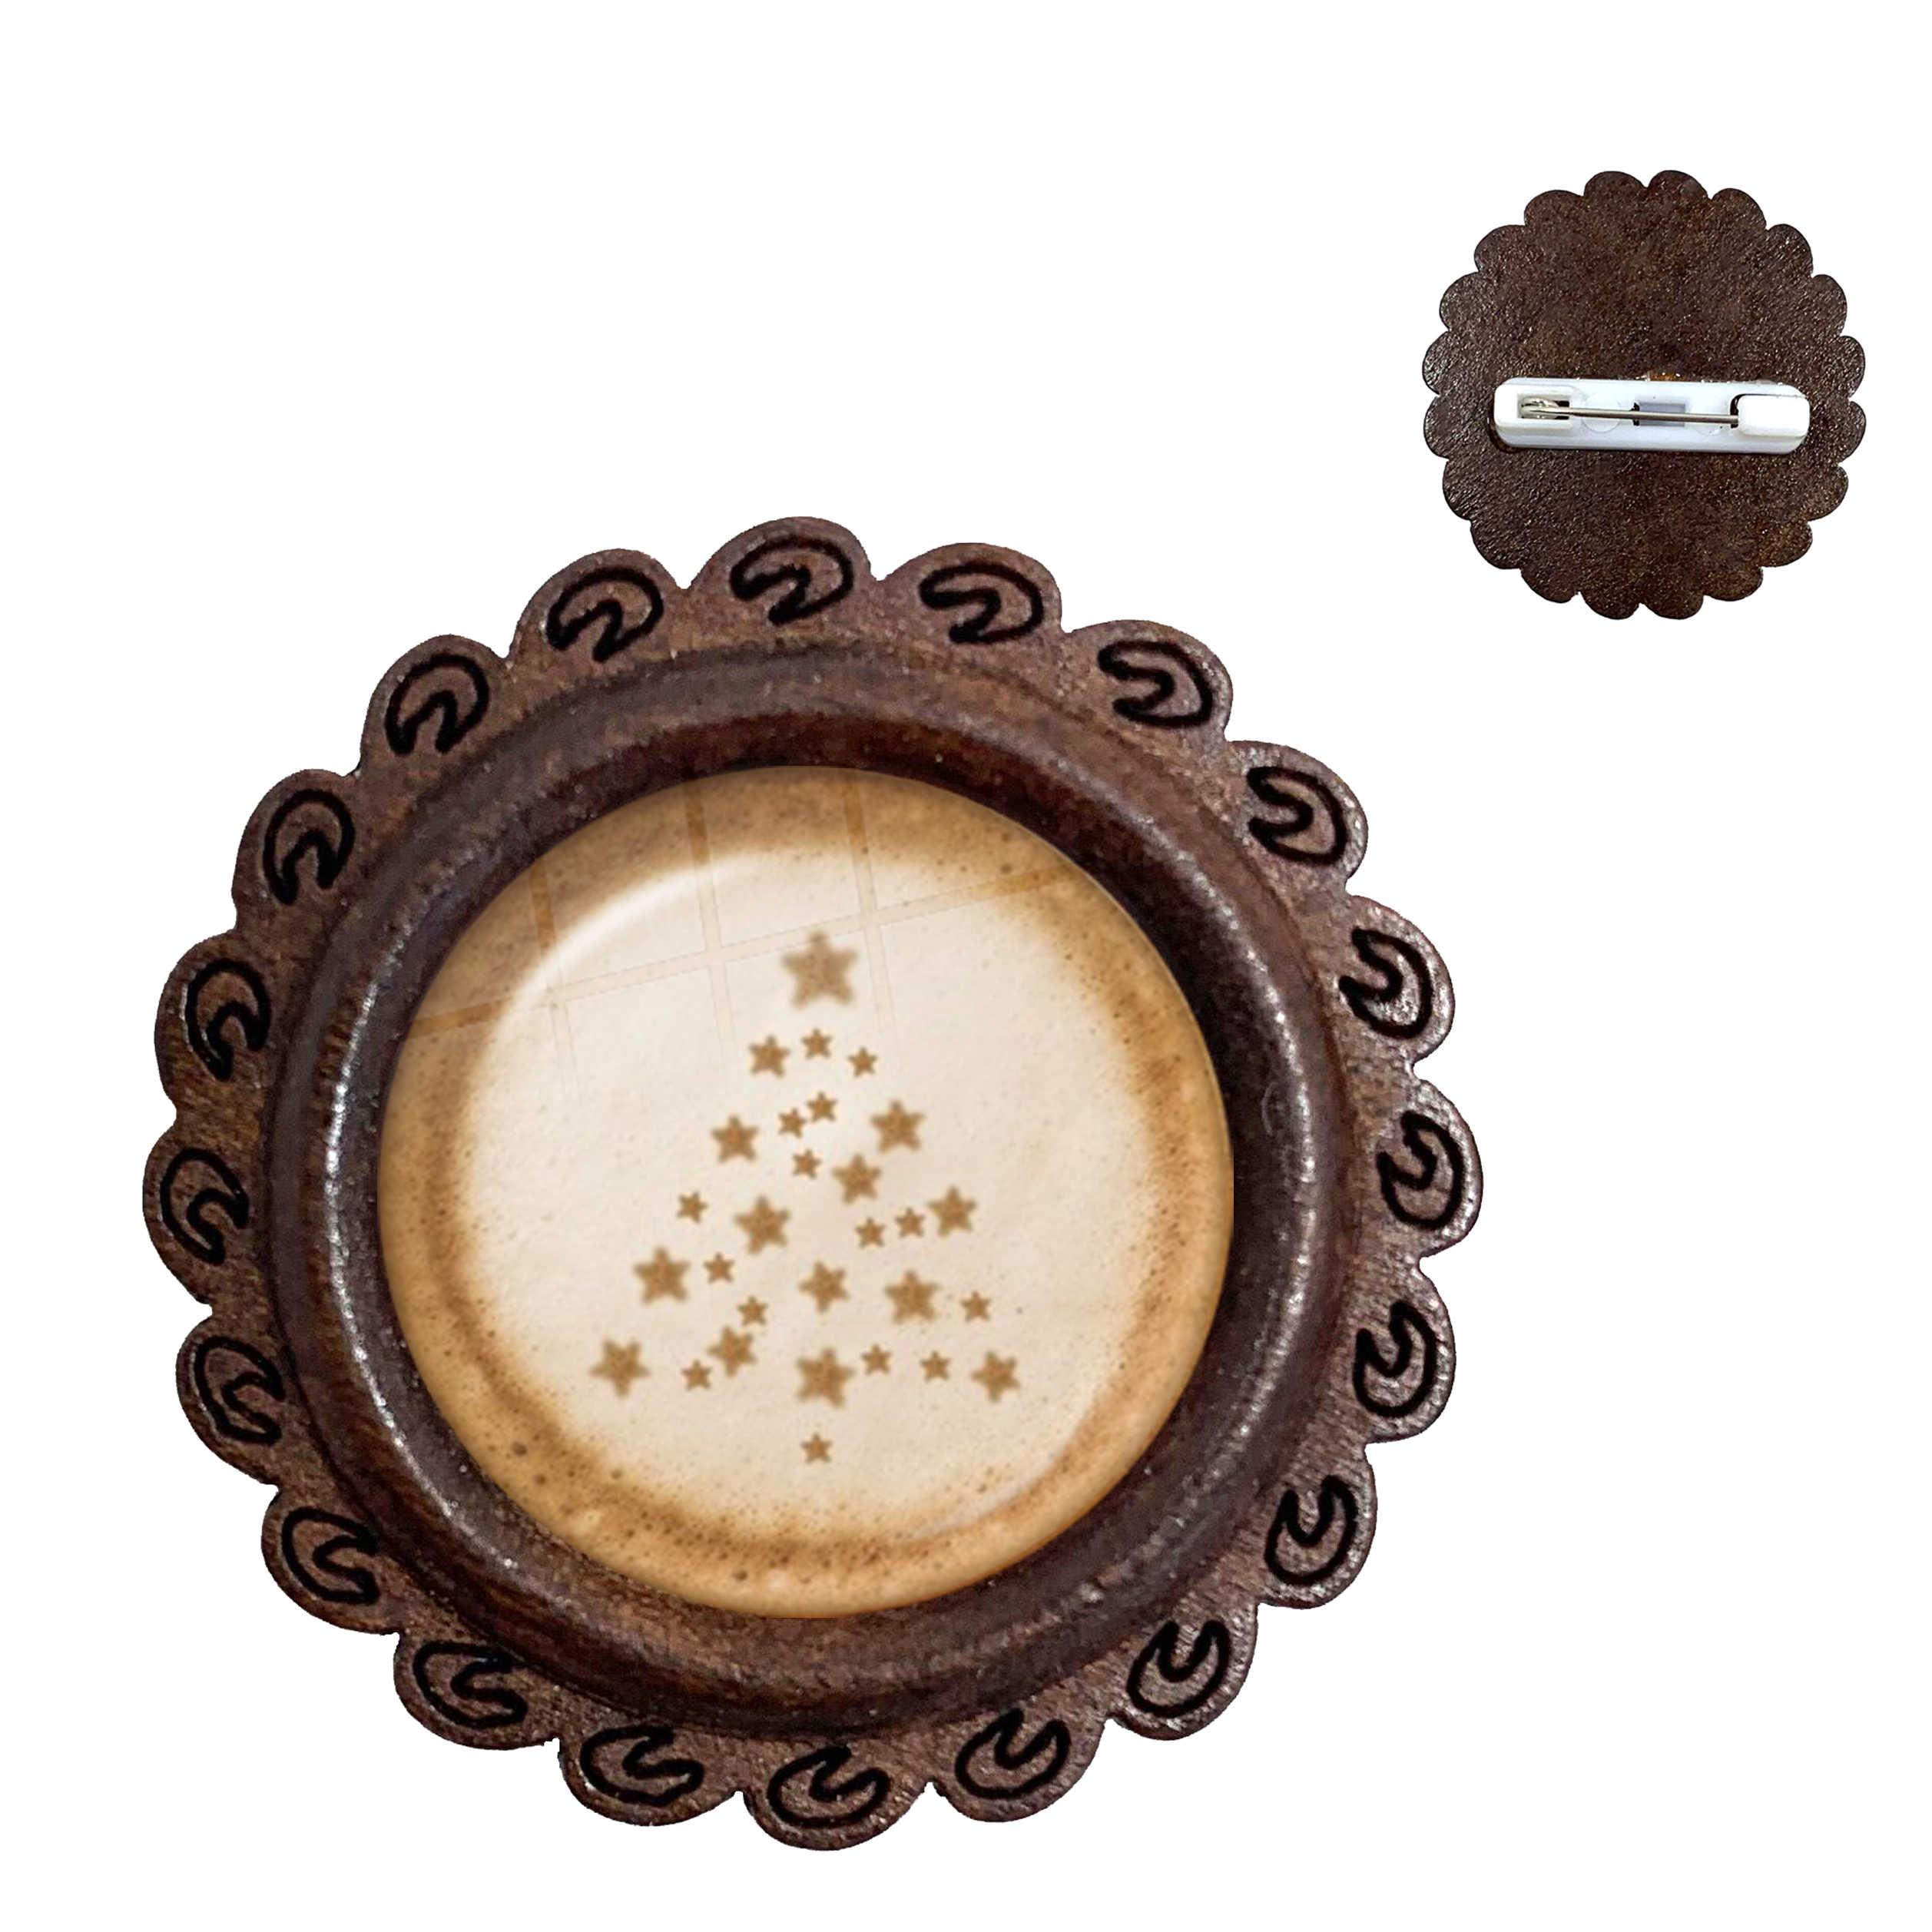 Кофе латте резьба сердце любовь искусство 20 мм стекло кабошон деревянные броши шоколадная печать четыре листа Клевер кошка колье с амулетом булавки